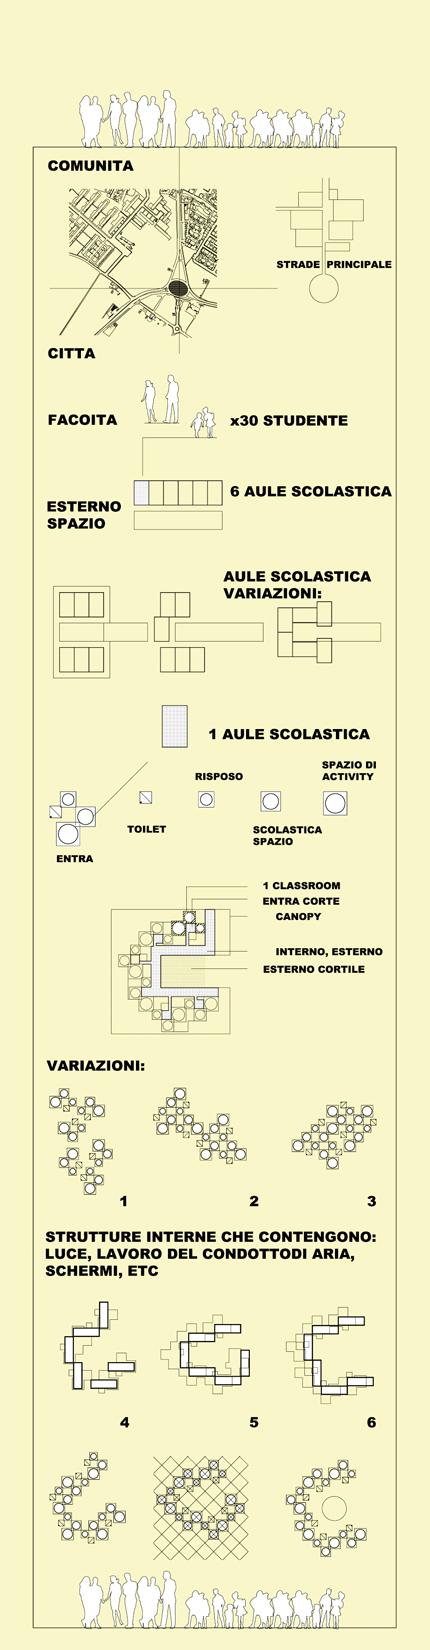 diagram_2big.jpg